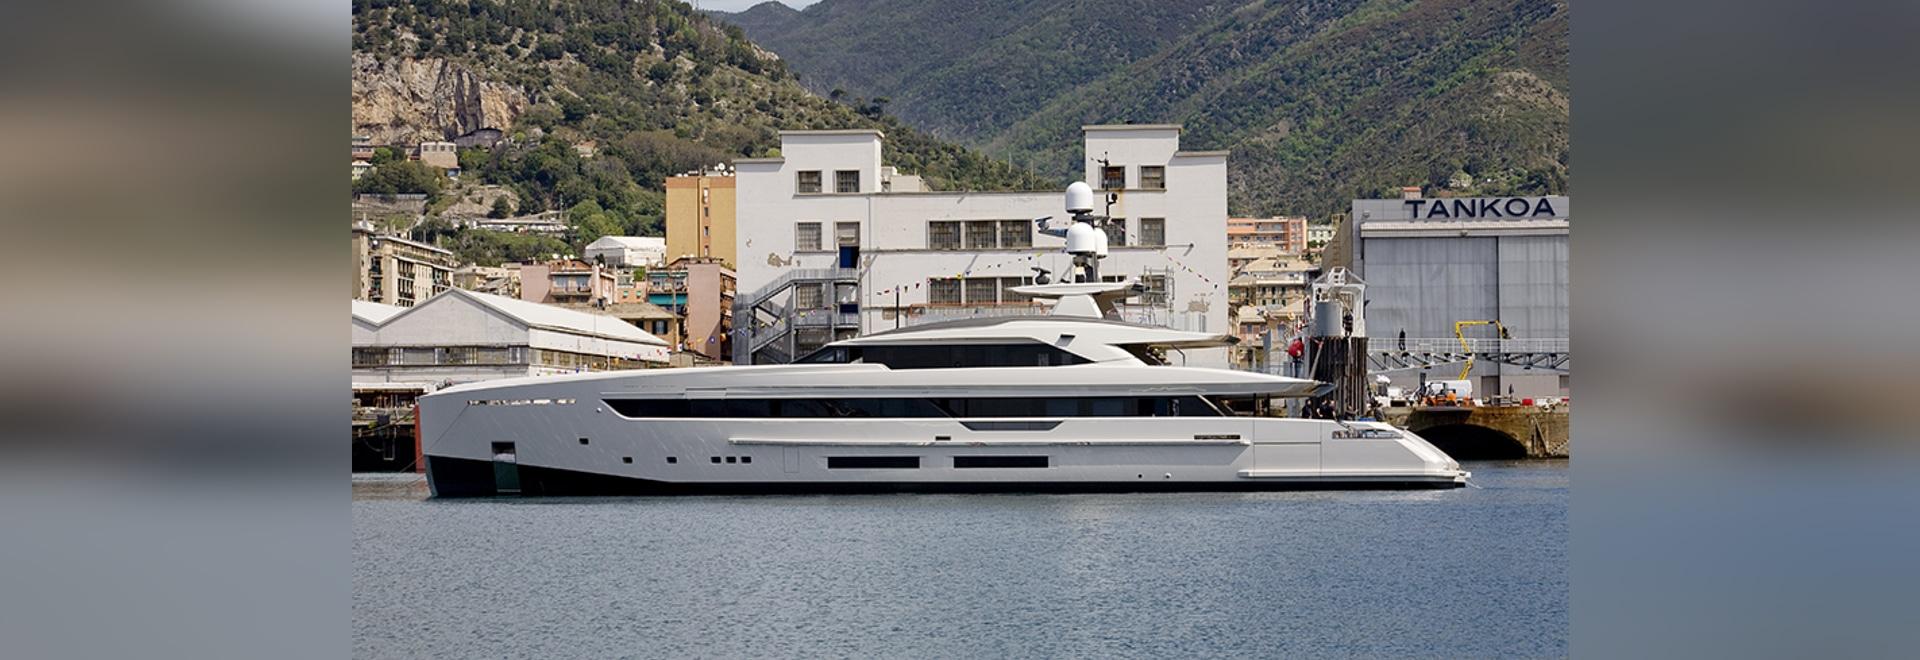 Tankoa Yachts lance son quatrième superyacht